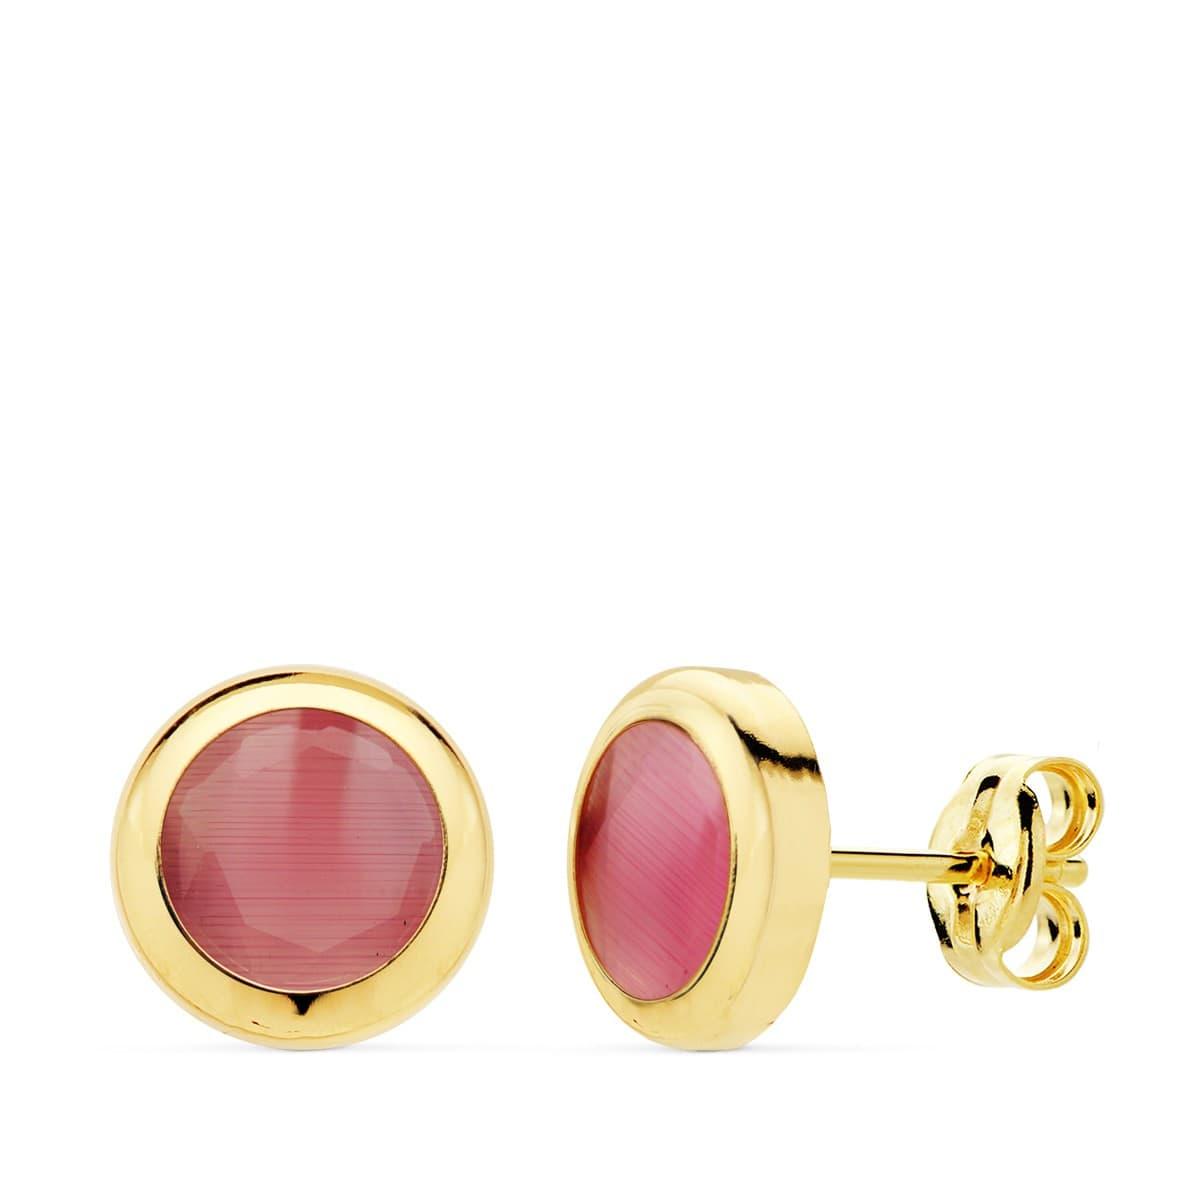 c3a5c1ea8feb Pendientes Oro Amarillo 18K Lilo Piedra Rosa calcedonia gemas colores  invitada de boda chaton circonita color ...